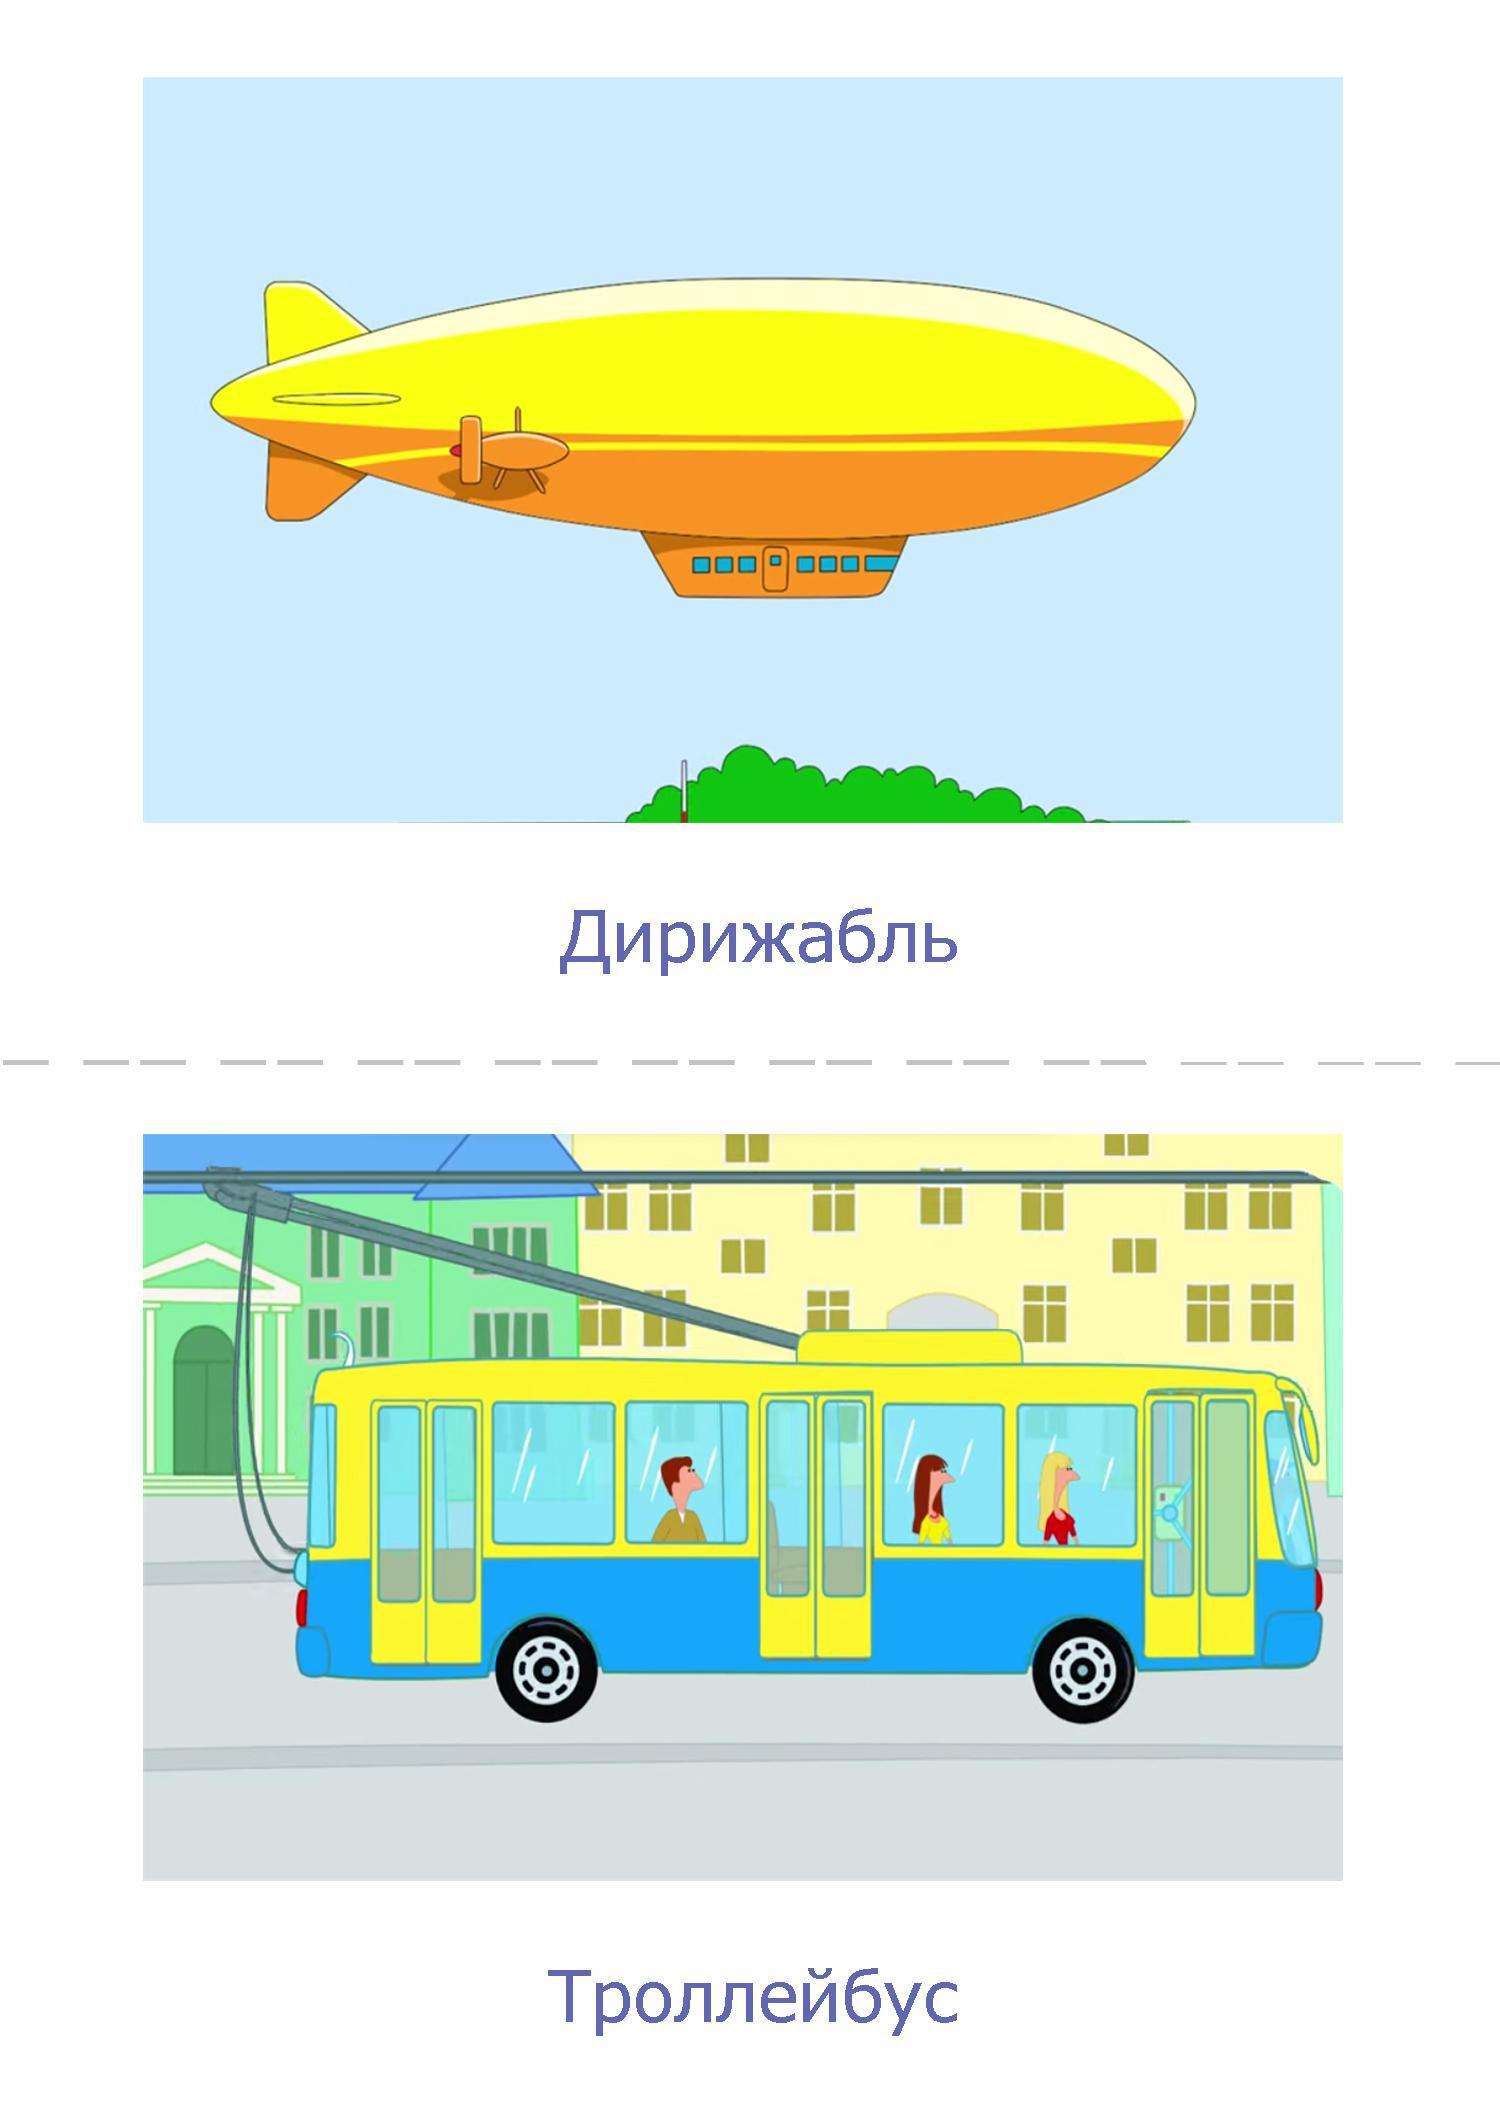 Дирижабль, троллейбус